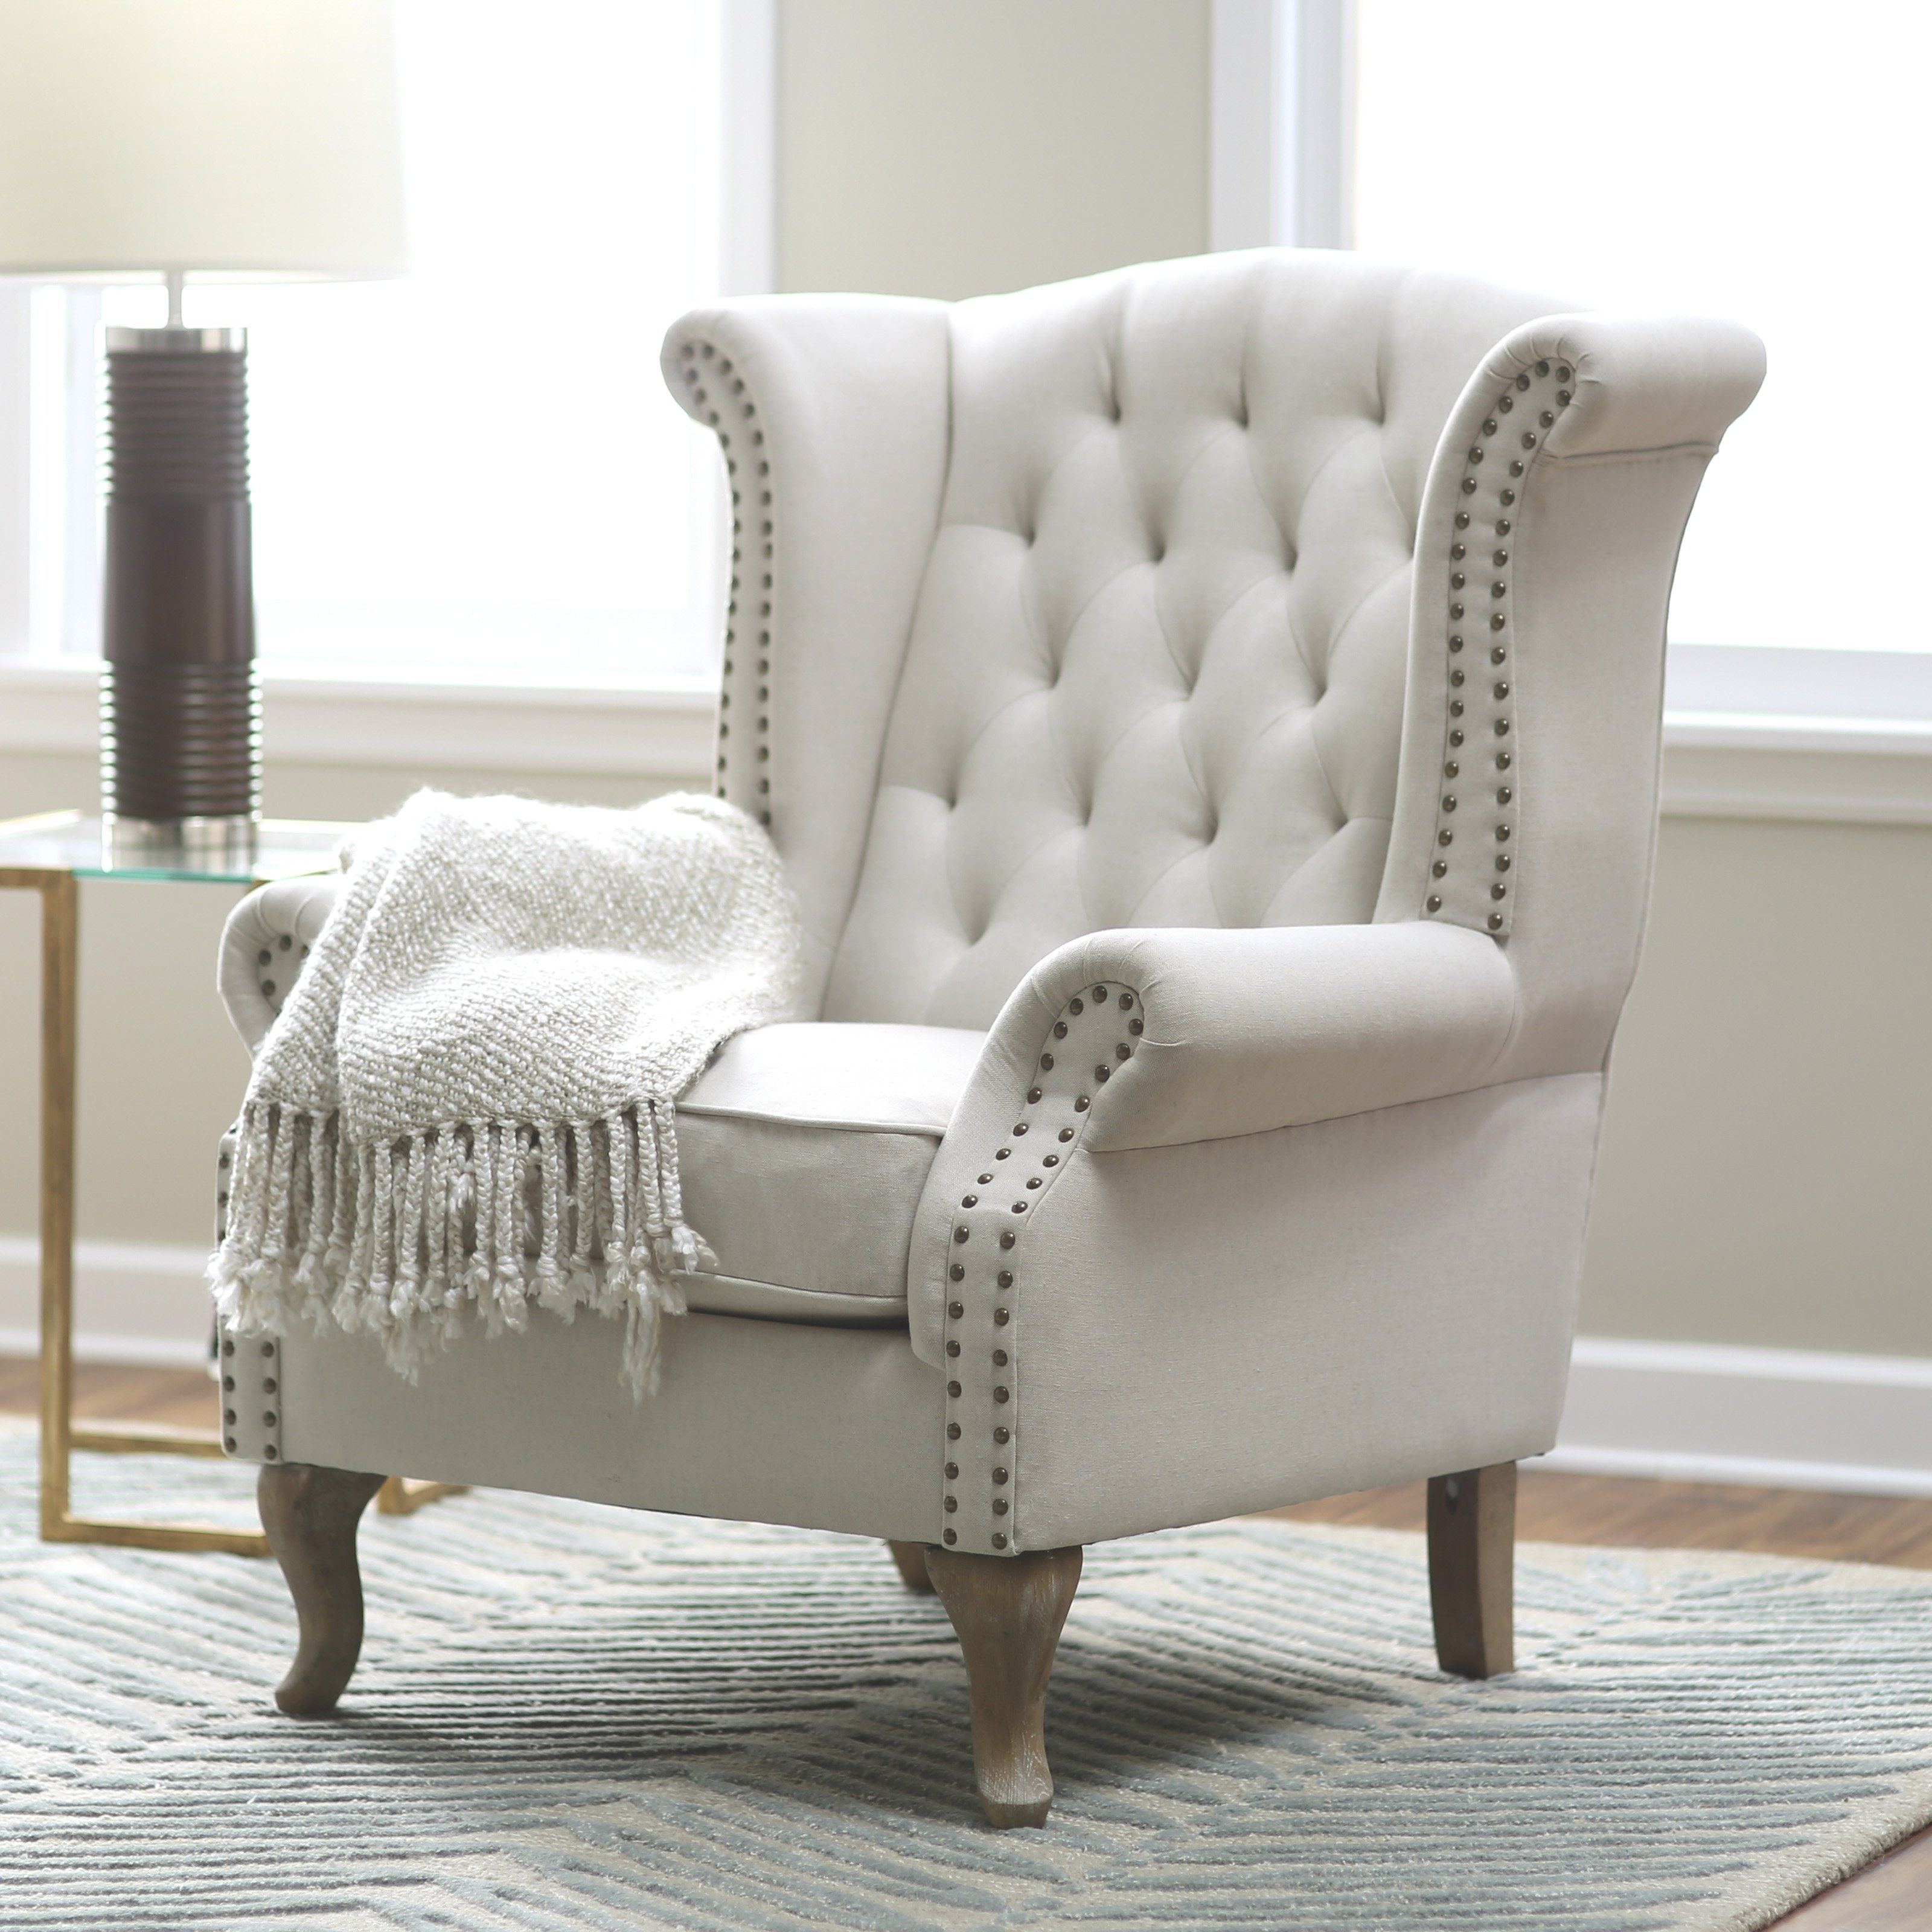 Stuhl Dekorativen Stühle Für Schlafzimmer Bett Sitz Blau Sessel ...